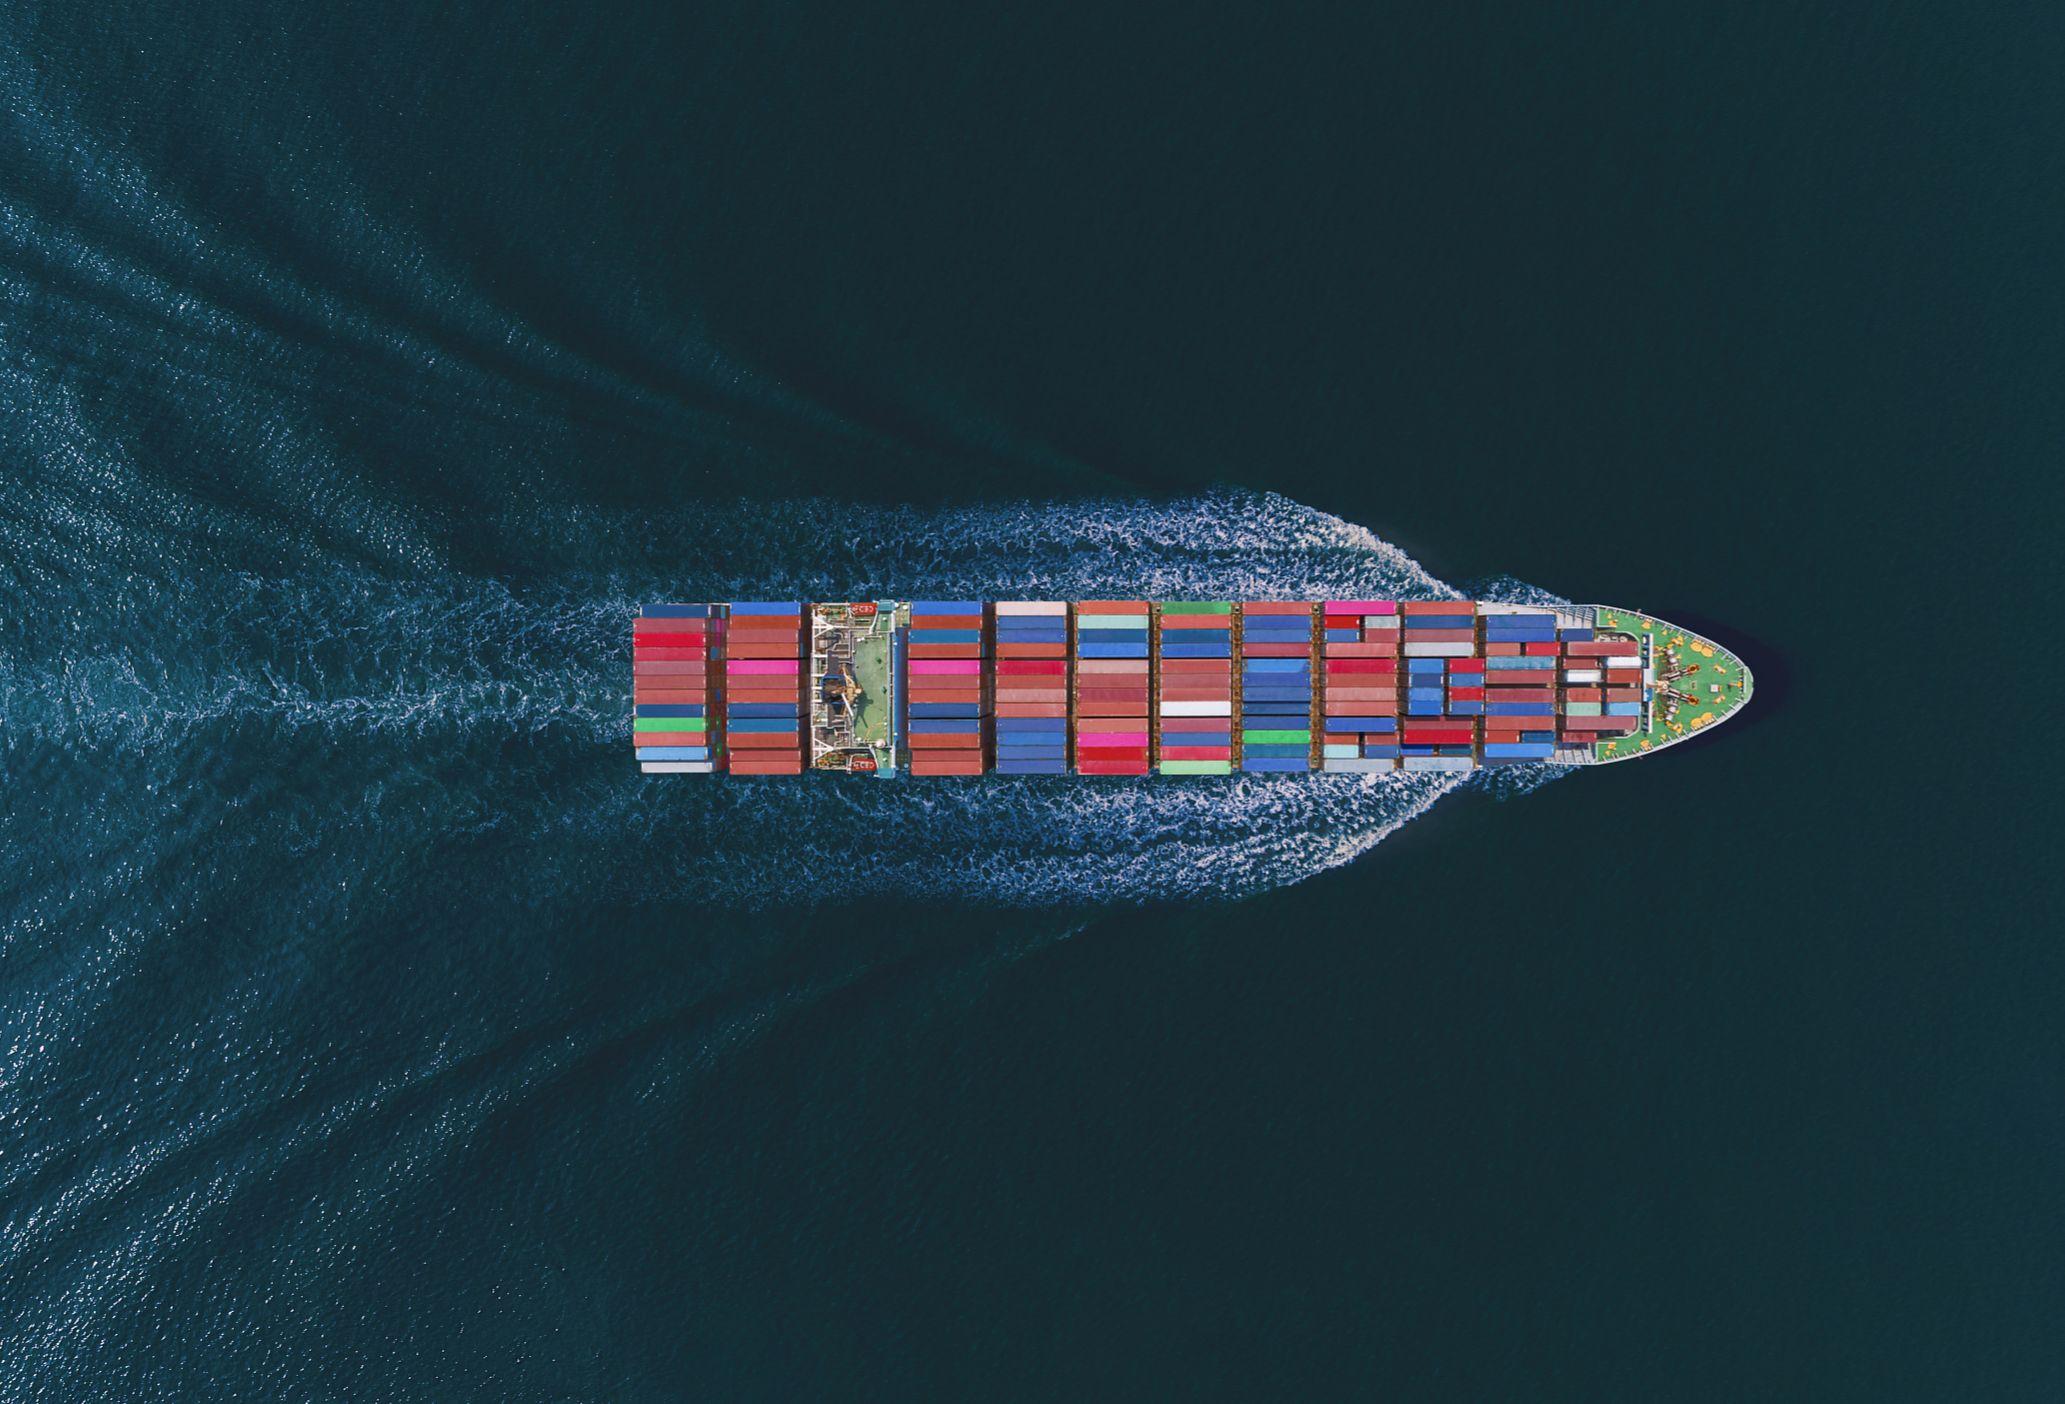 需求旺盛 海运费飙涨!全球航运业收入创2008年以来新高